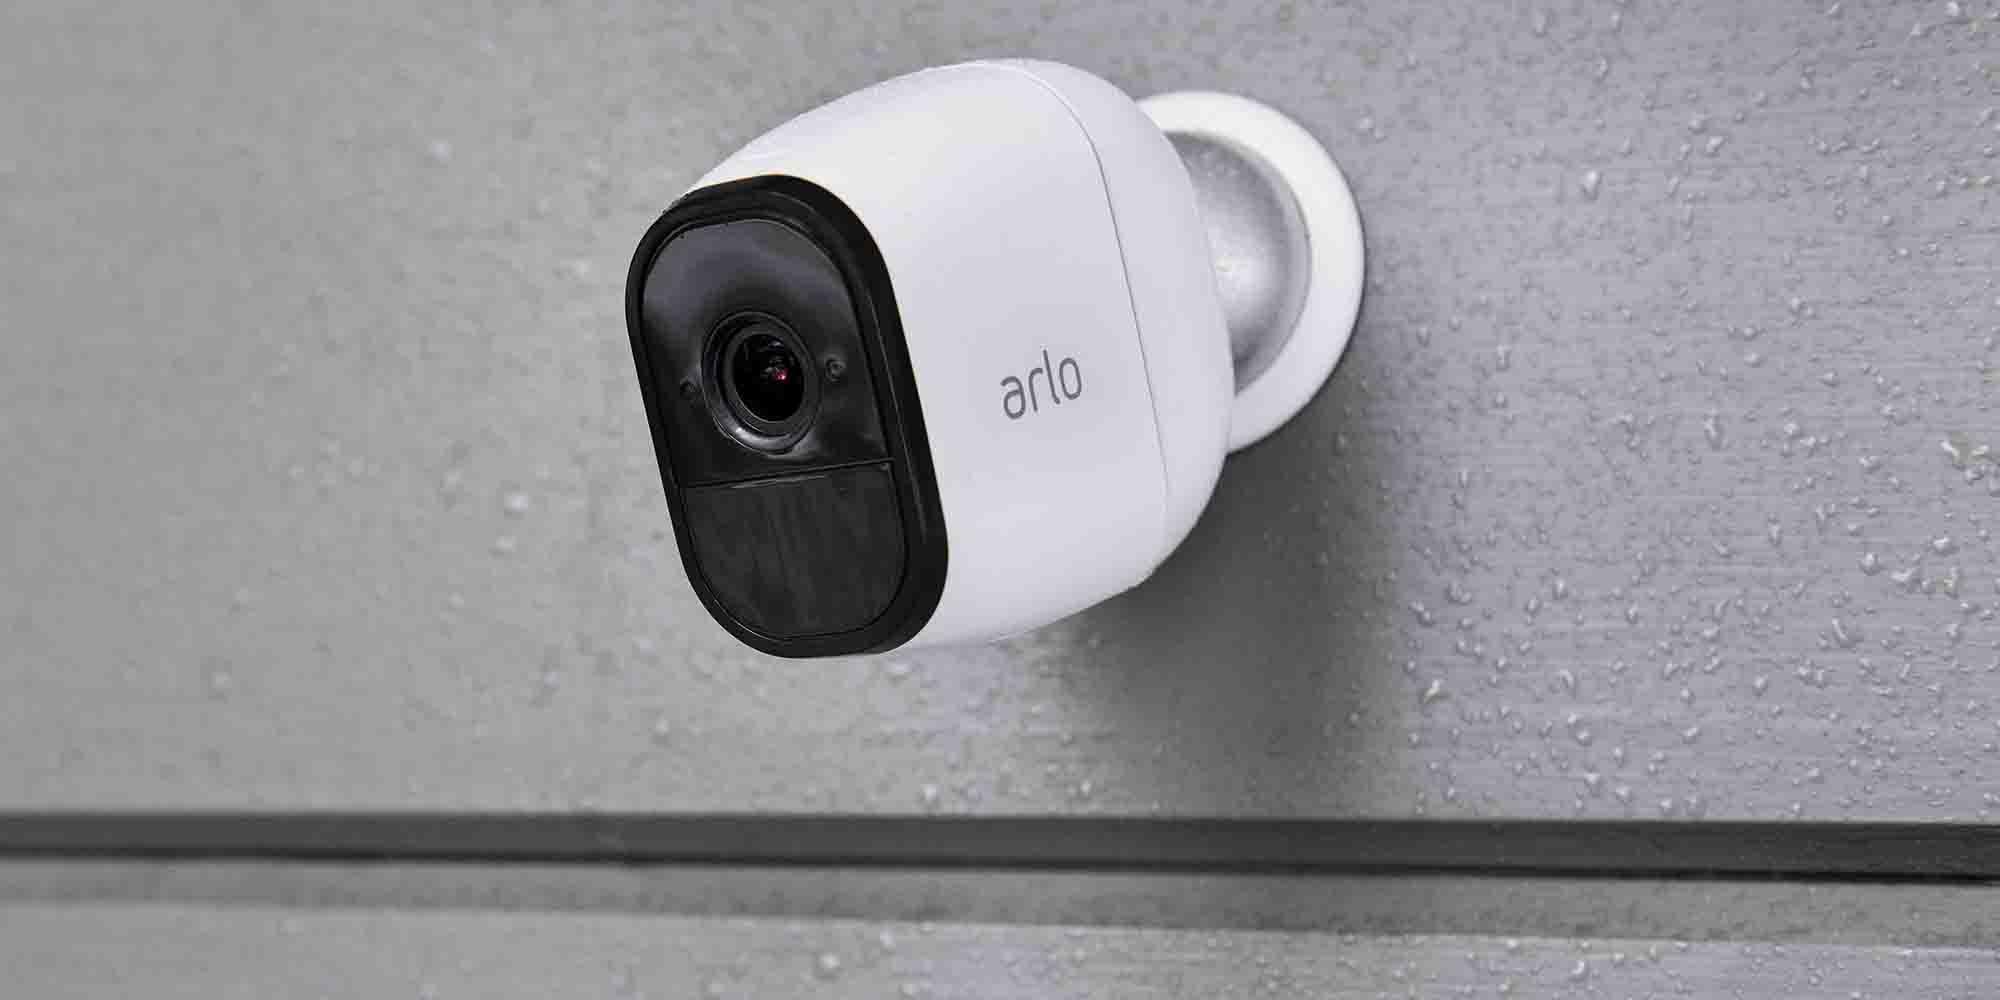 Netgear S Arlo Pro Wireless Security Camera Has Insane